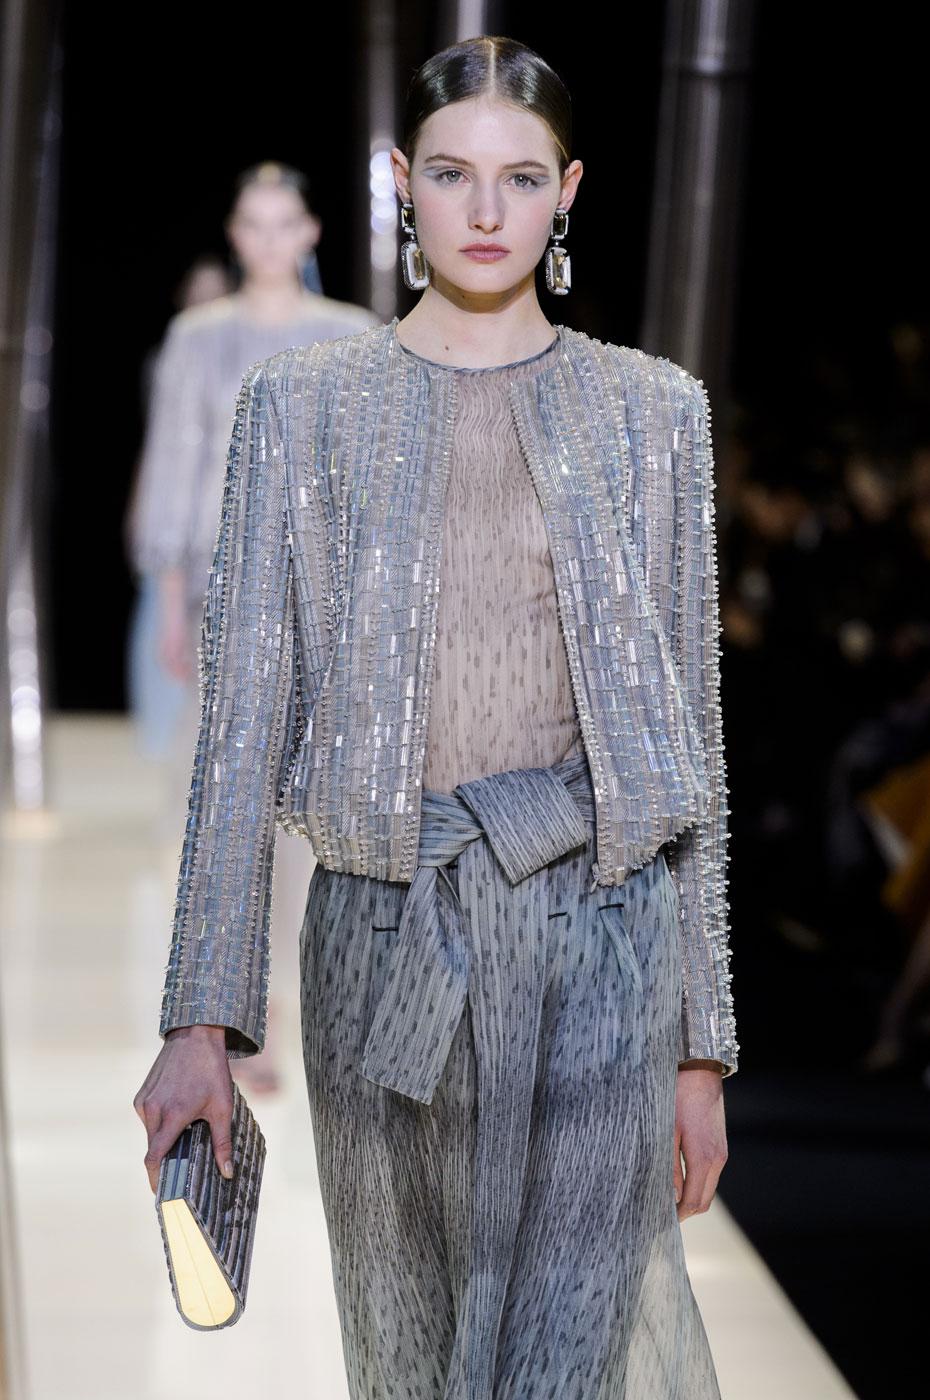 Giorgio-armani-Prive-fashion-runway-show-haute-couture-paris-spring-2015-the-impression-066